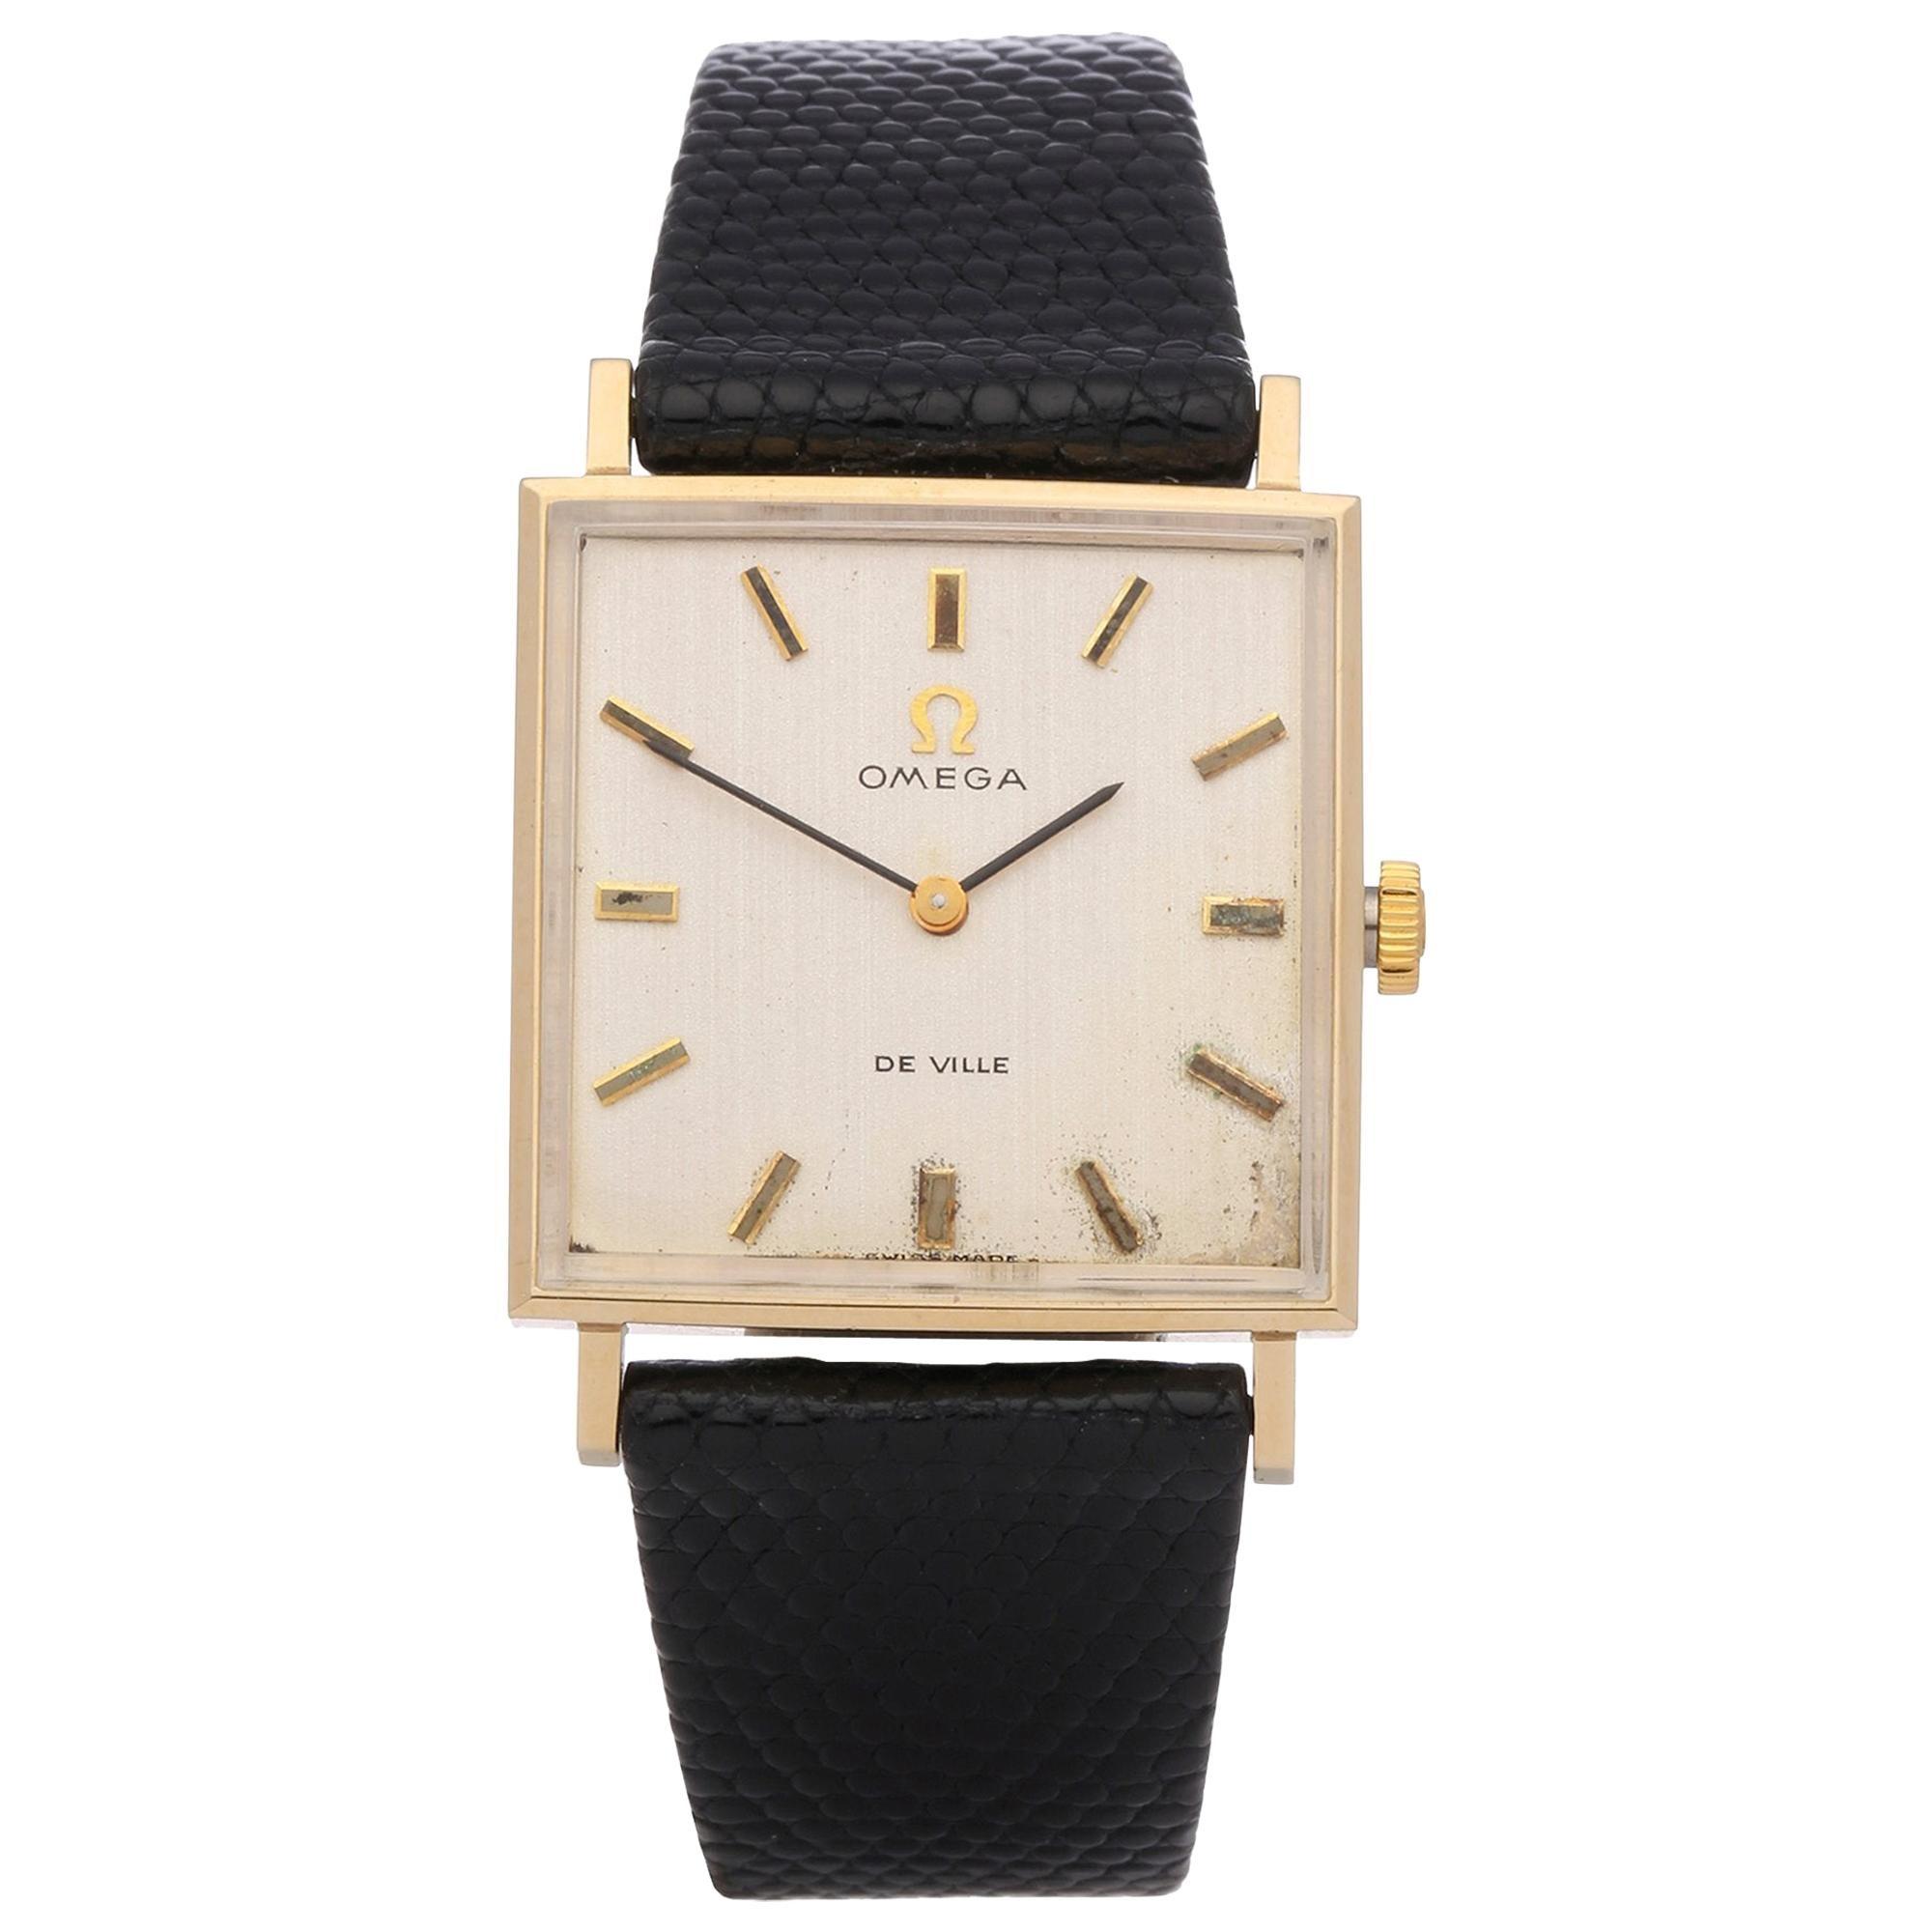 Omega De Ville Men's Yellow Gold Watch